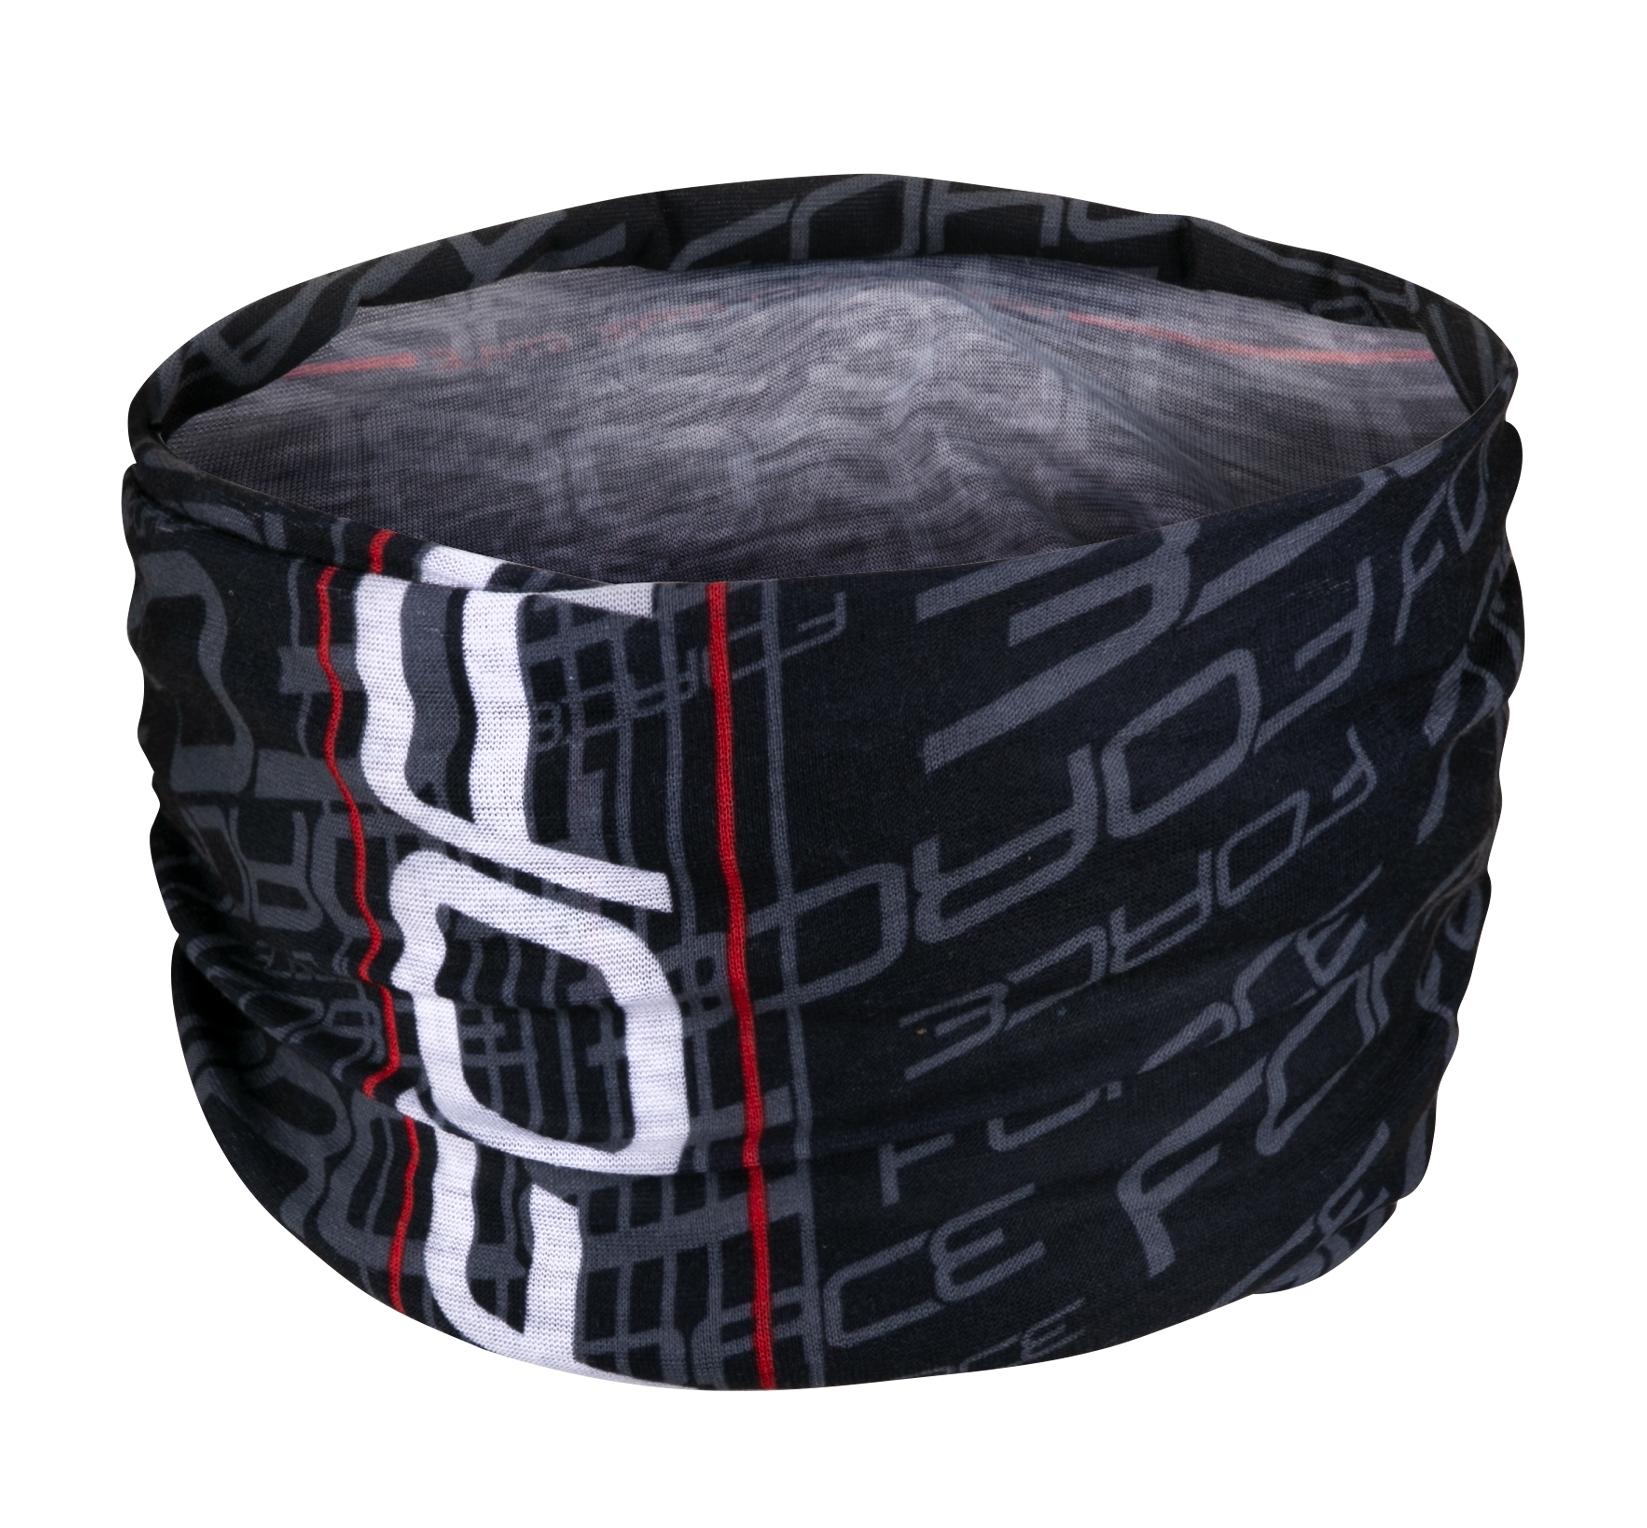 šátek multifunkční FORCE léto, černo-bílý, UNI